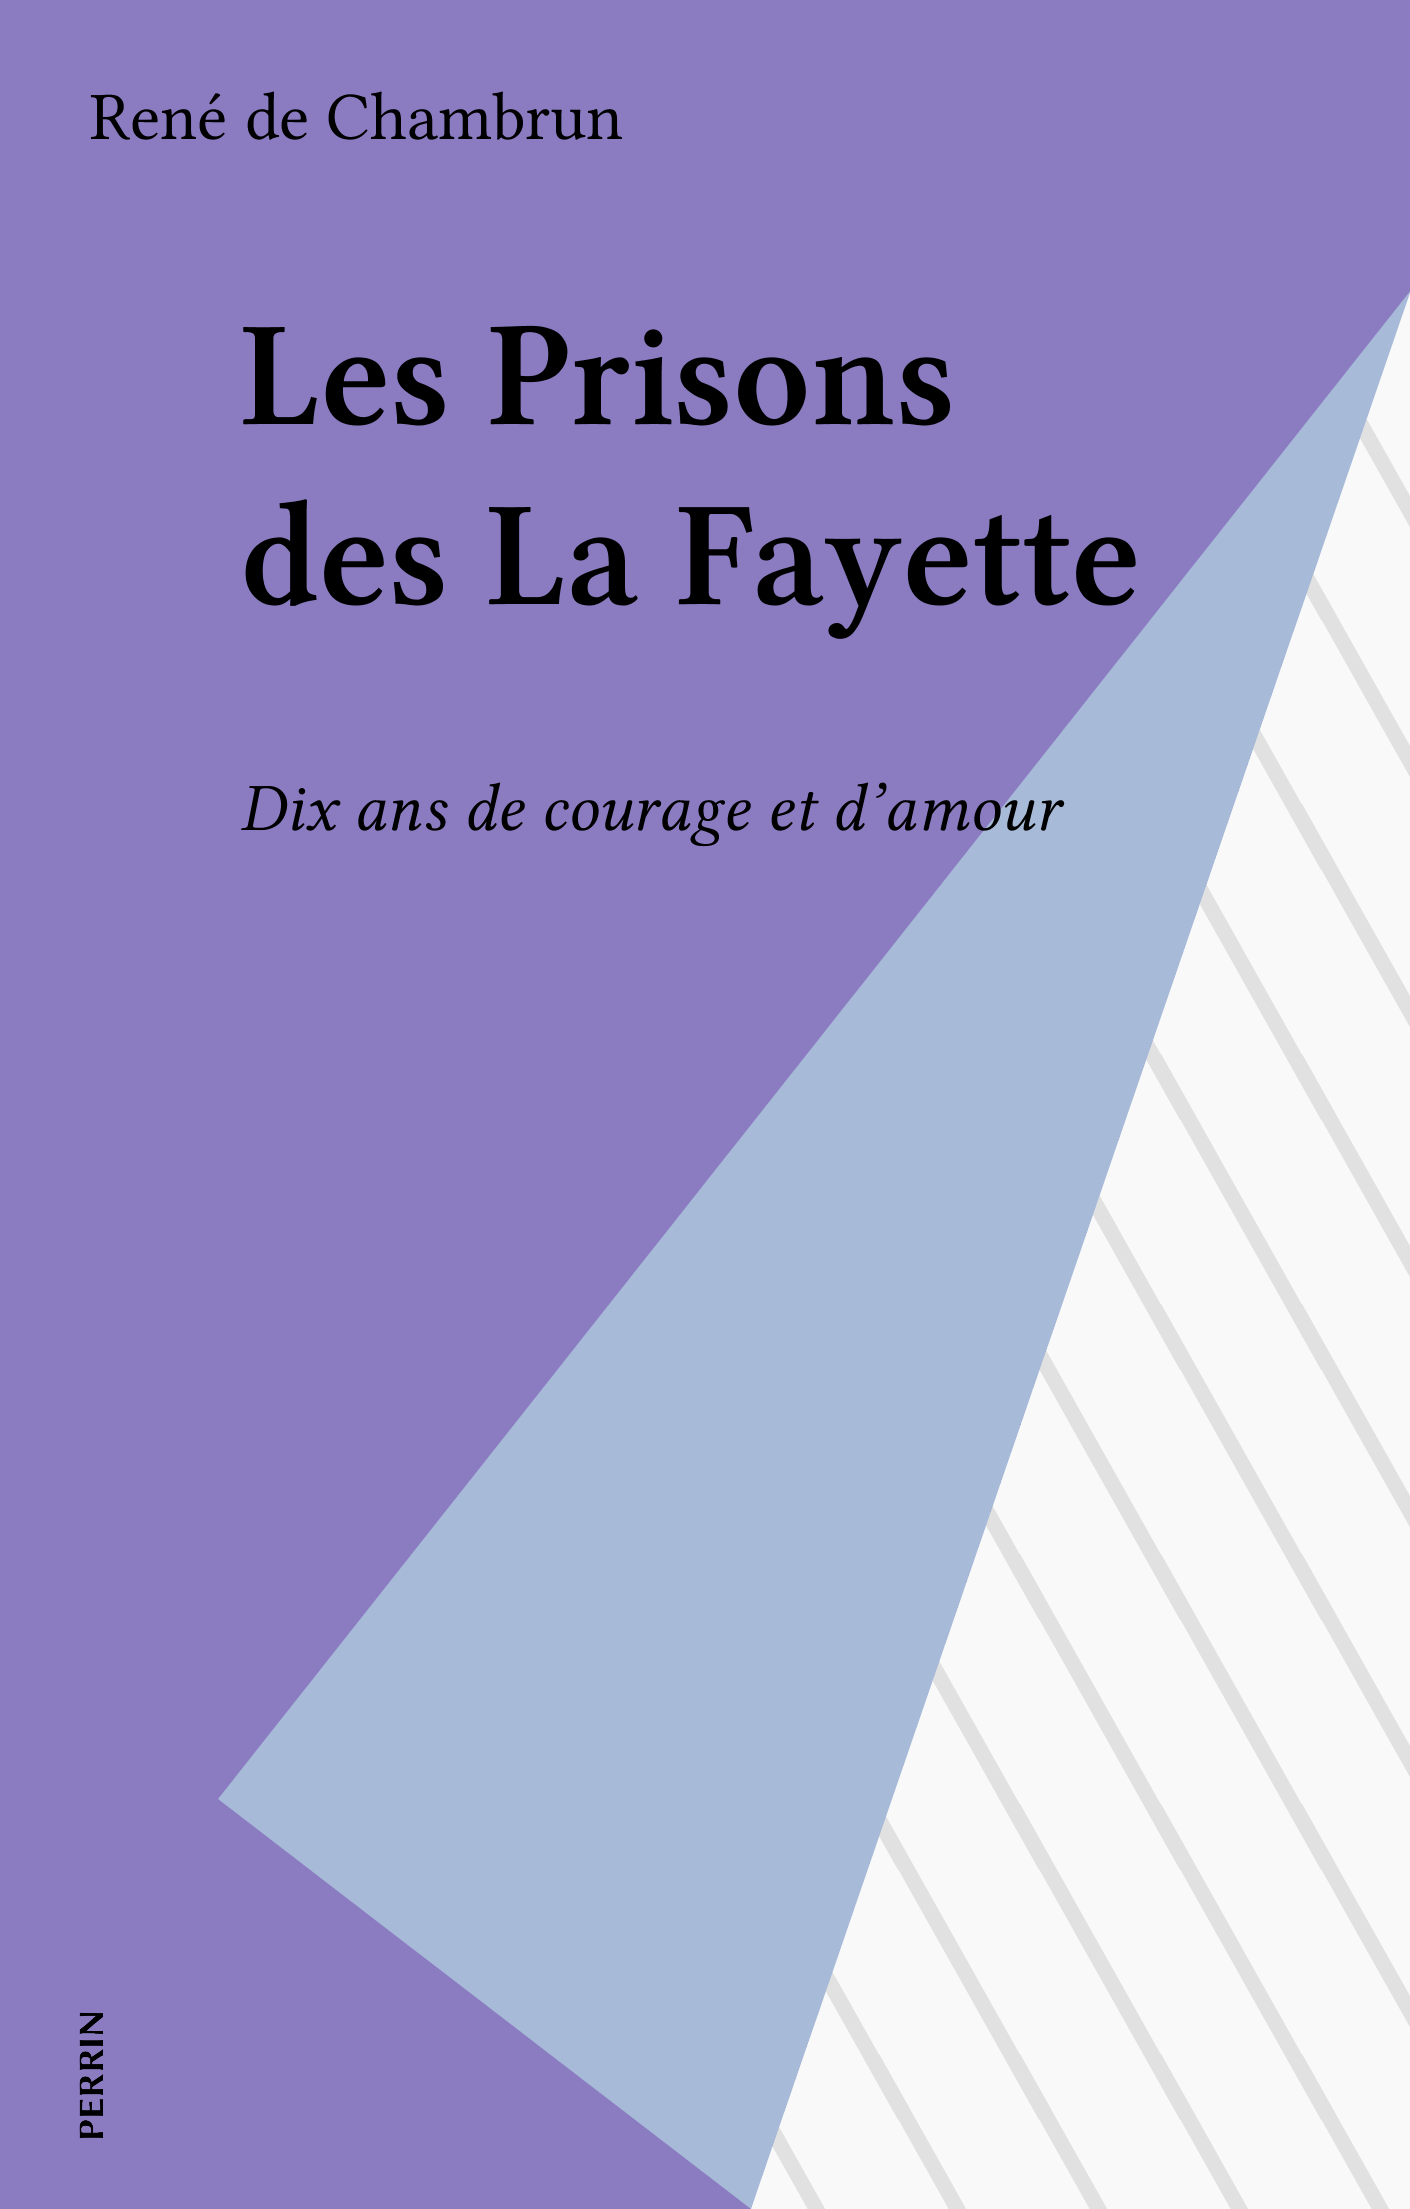 Les Prisons des La Fayette